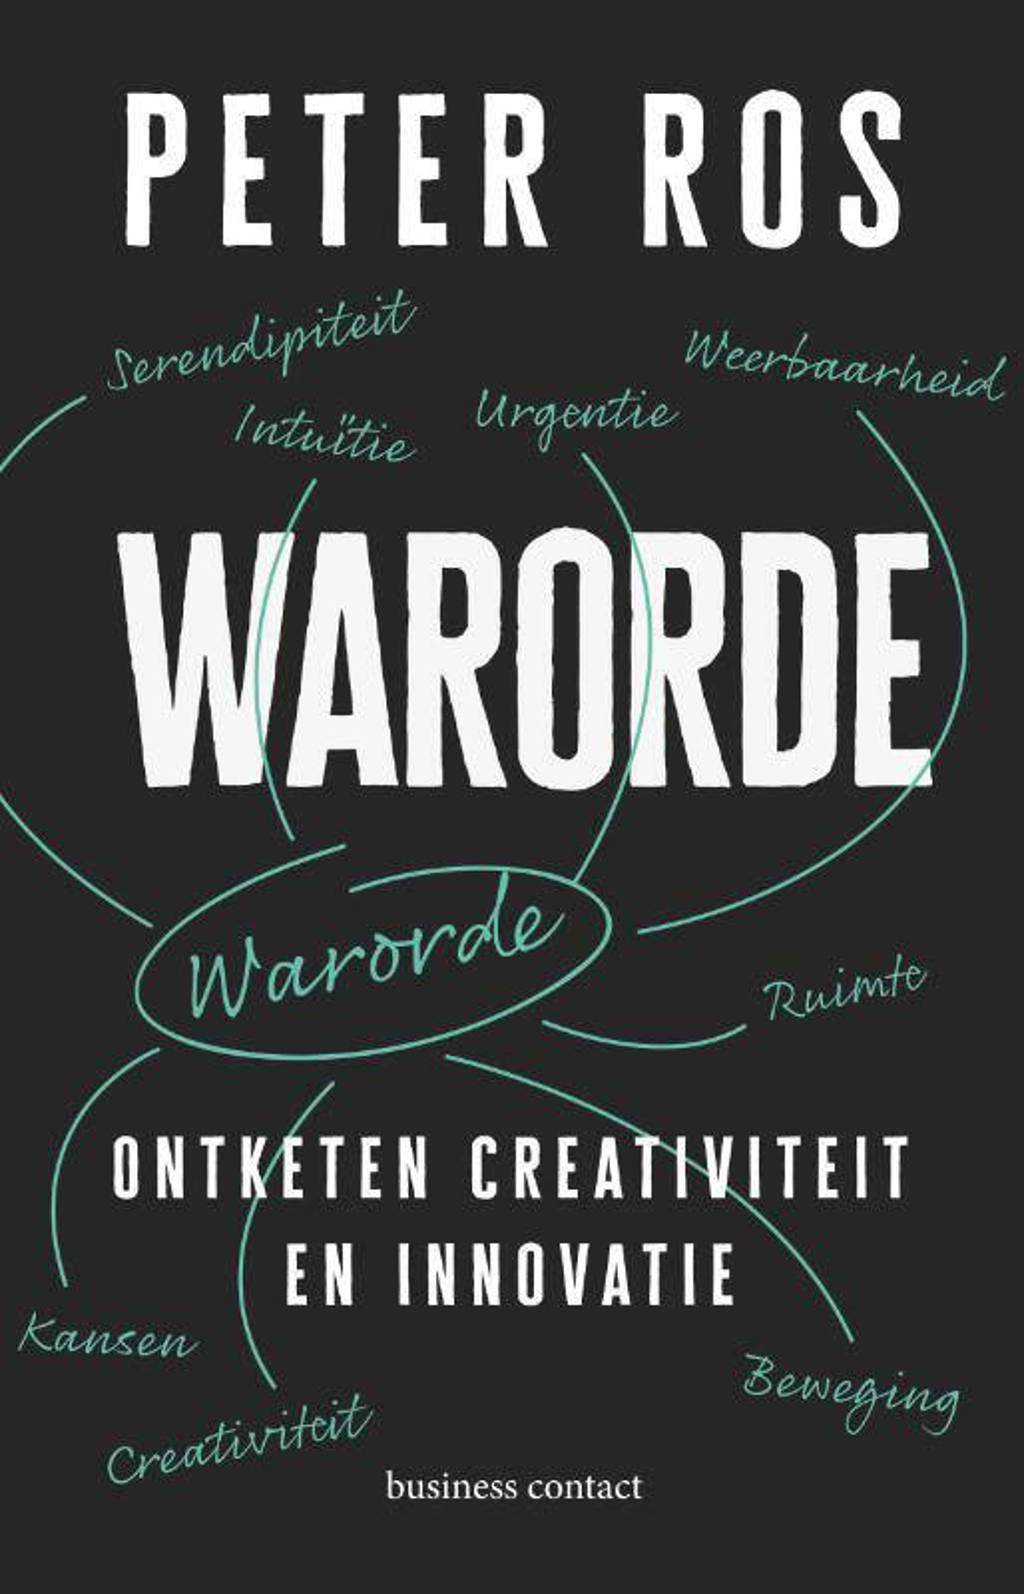 Warorde - Peter Ros